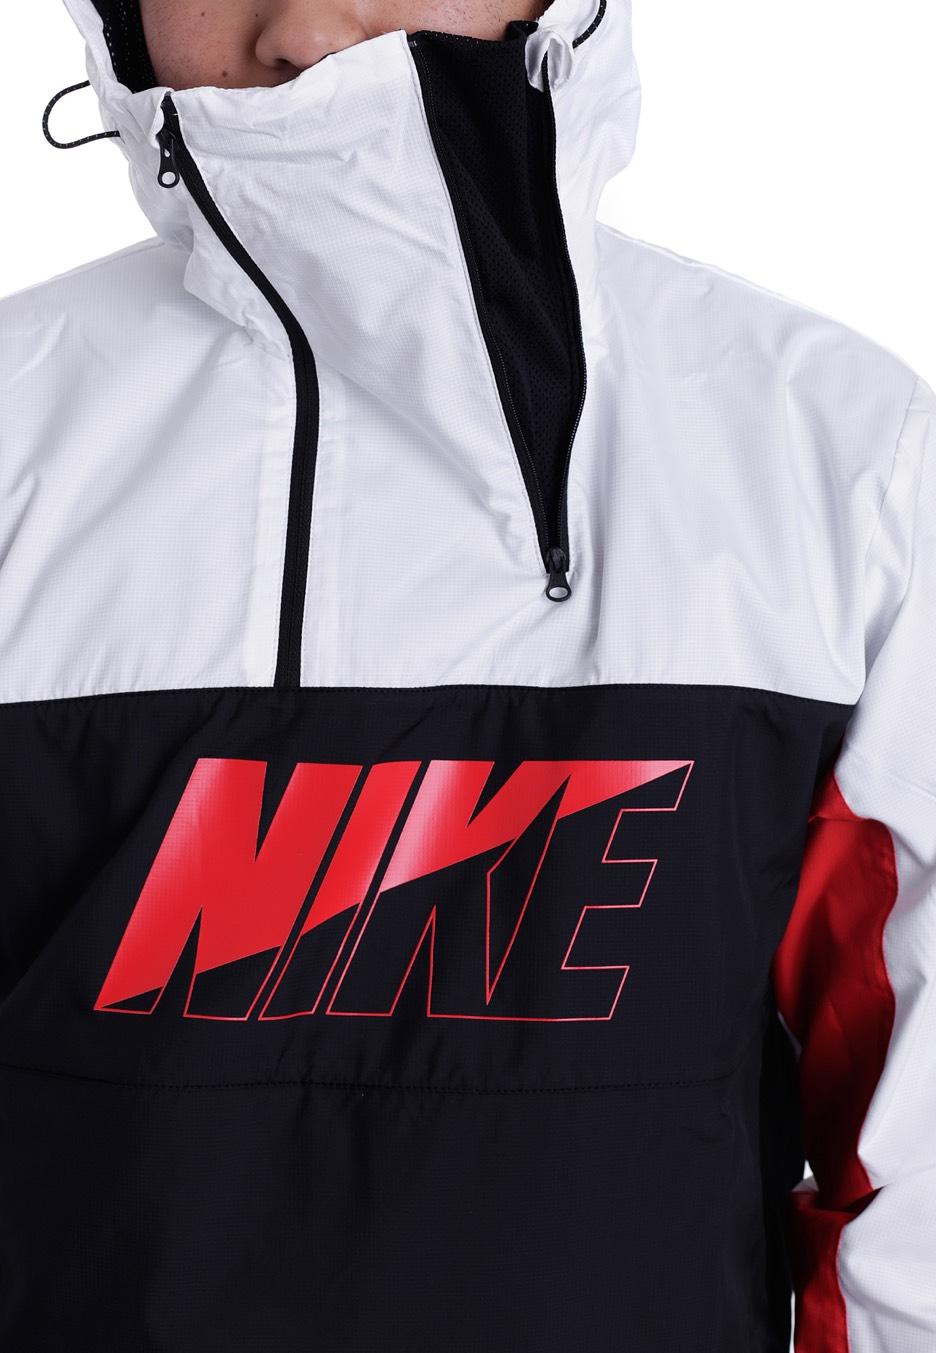 fcb9ec99fe6f ... Nike - AV15 White Black University Red White - Windbreaker ...